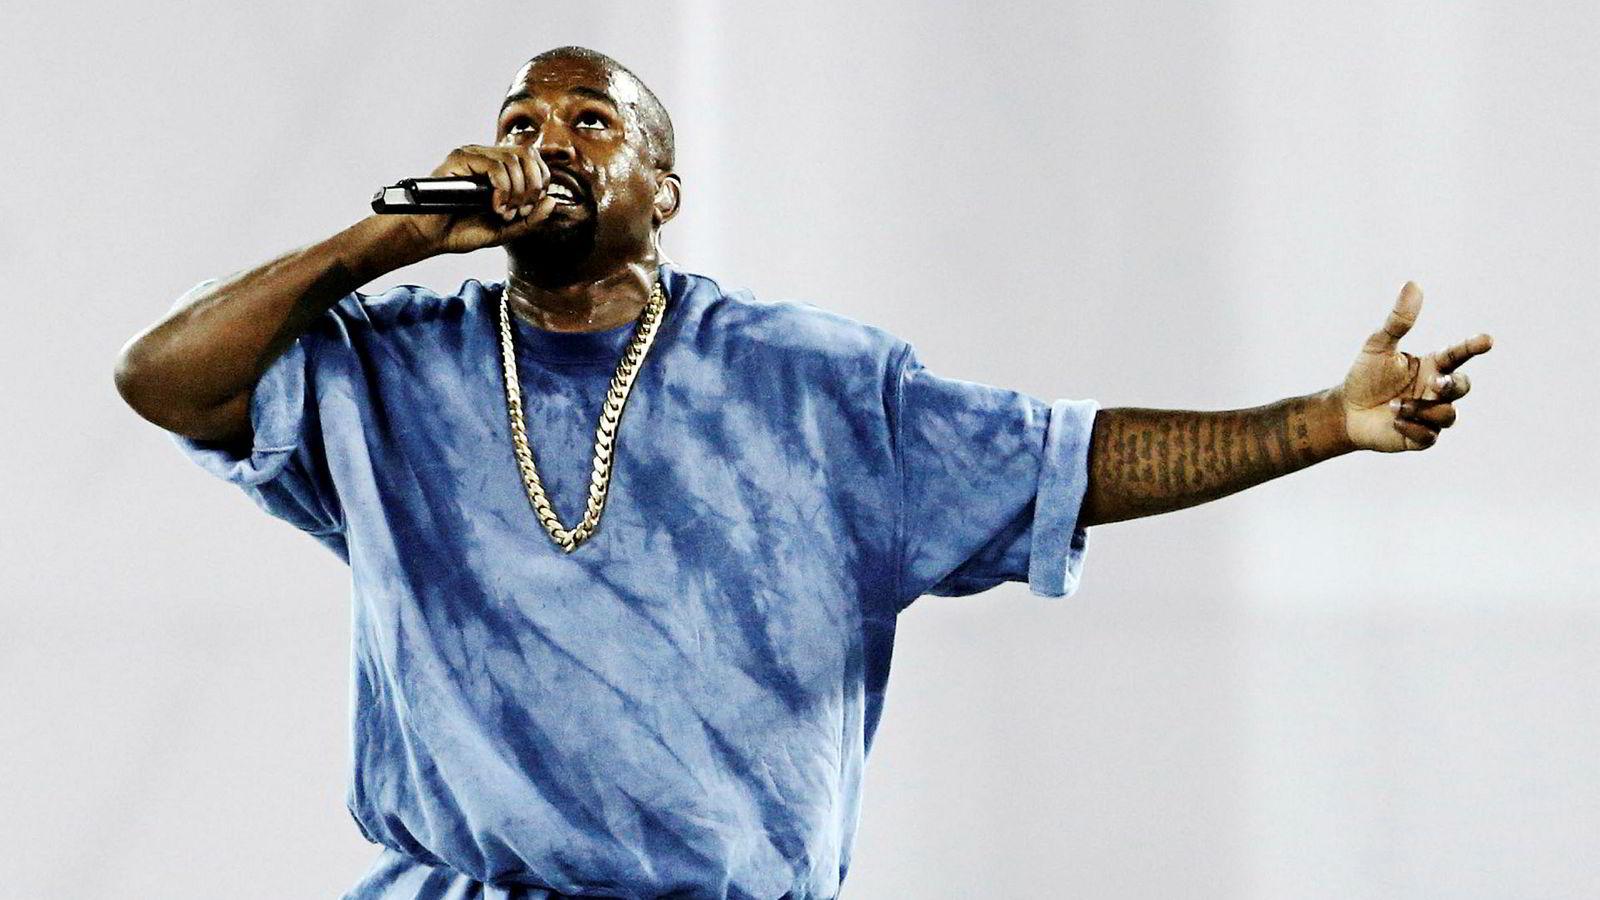 Kanye West plutselig utgitte album «ye», som kom rett før helgen, føles mer som en ny episode eller innlegg i en pågående debatt enn et popalbum i klassisk forstand, skriver Audun Vinger.